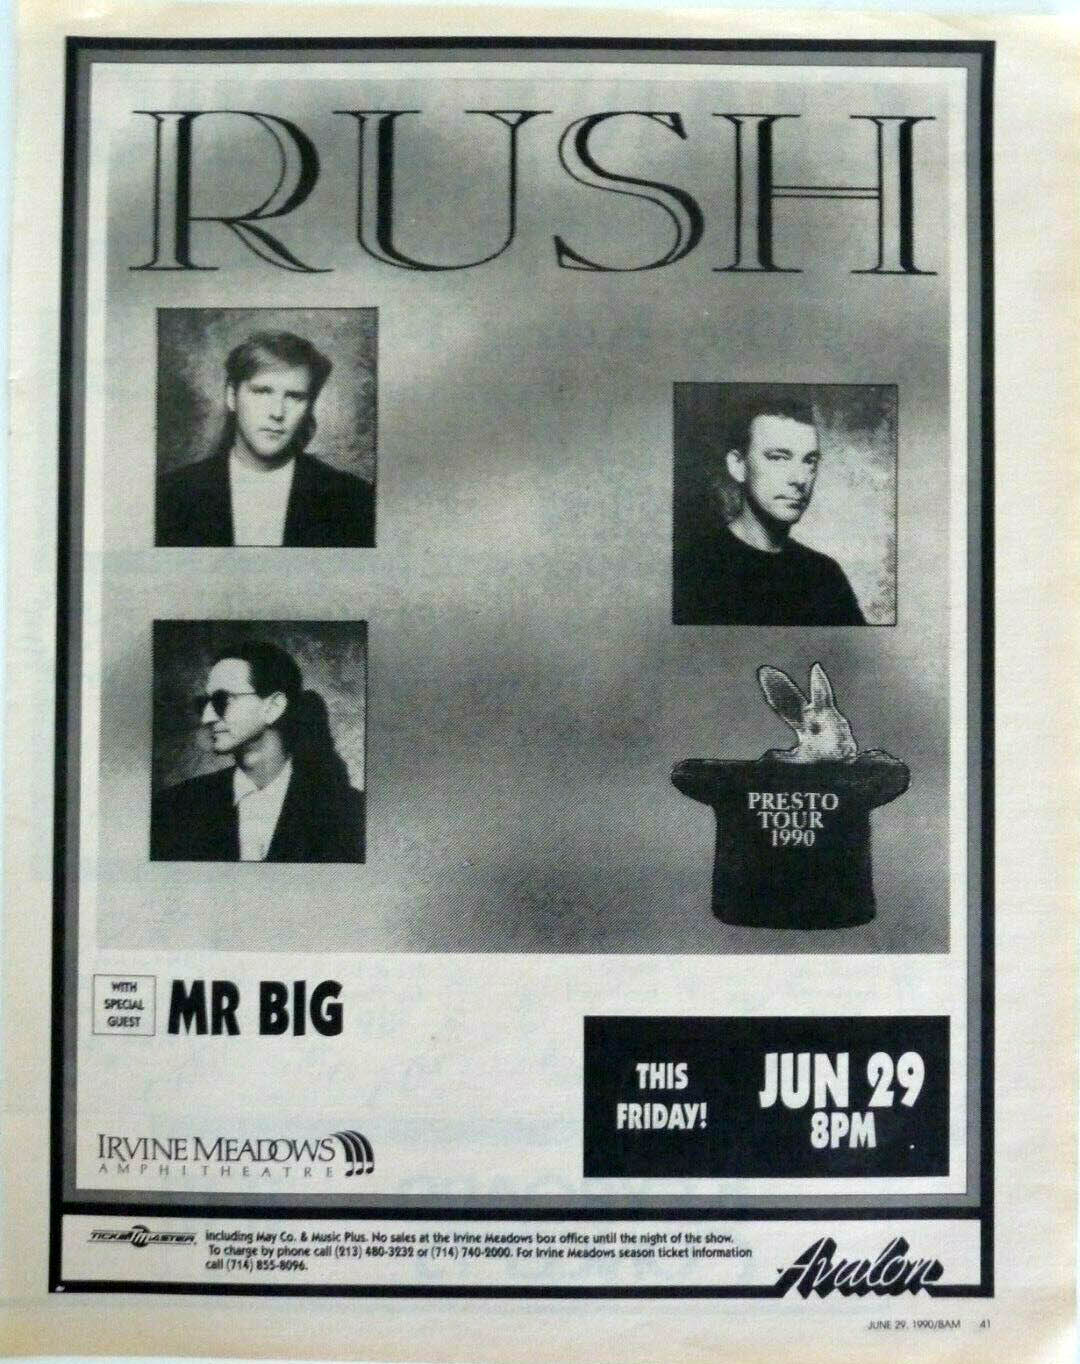 RAUDO: los discos de RUSH de peor a mejor - Página 3 1990-06-29